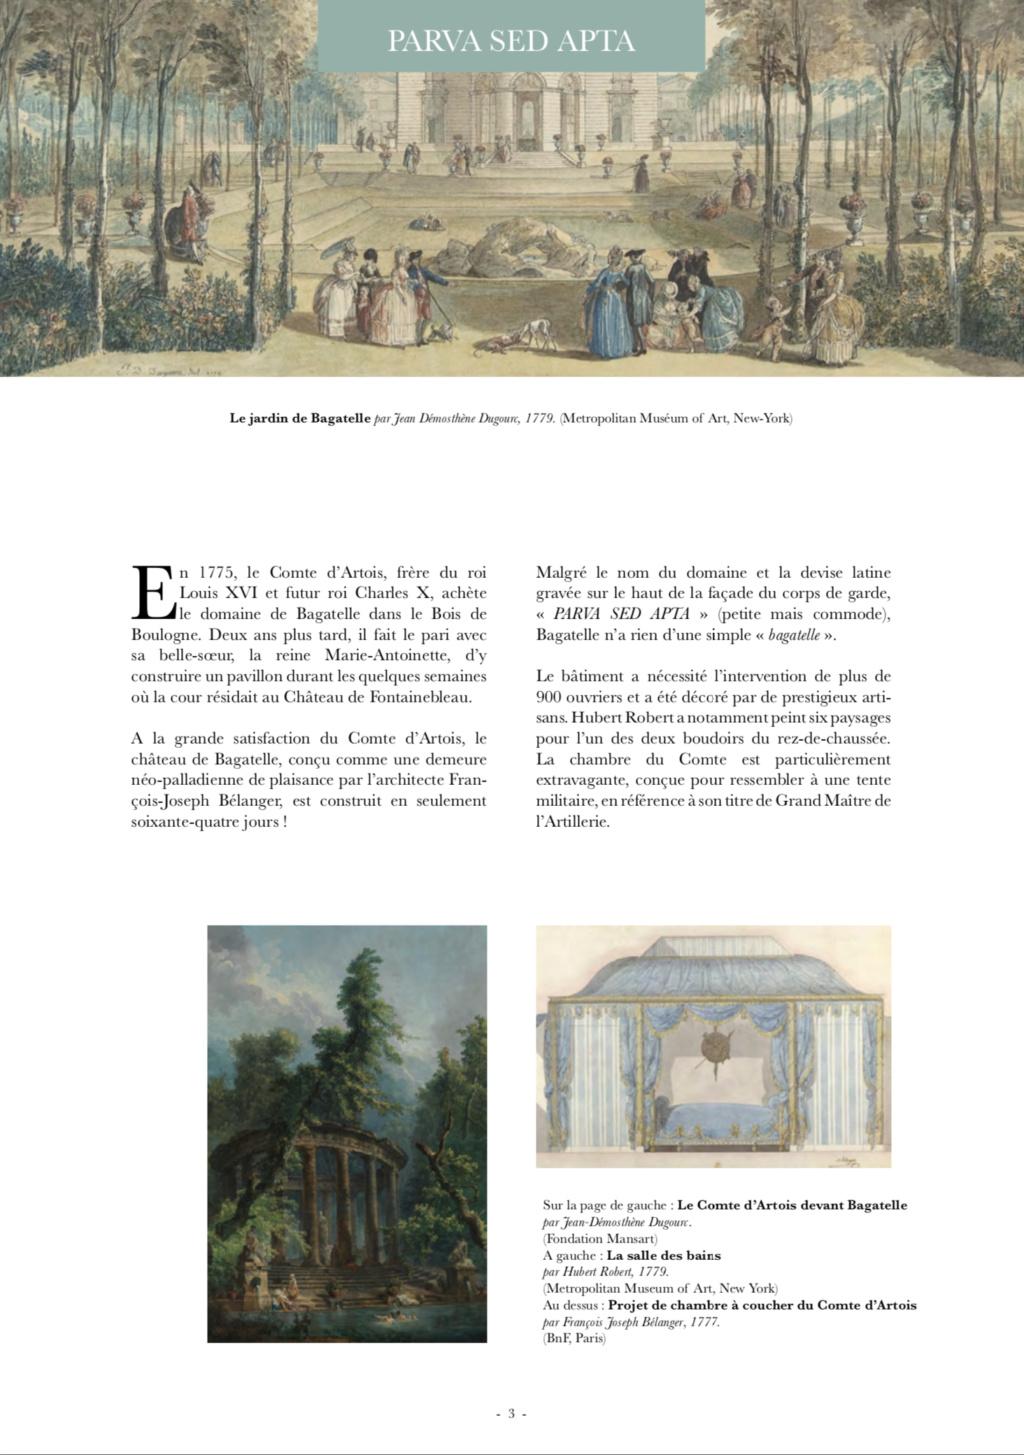 """Le château de Bagatelle : la """" folie """" du comte d'Artois - Page 3 Capt2790"""